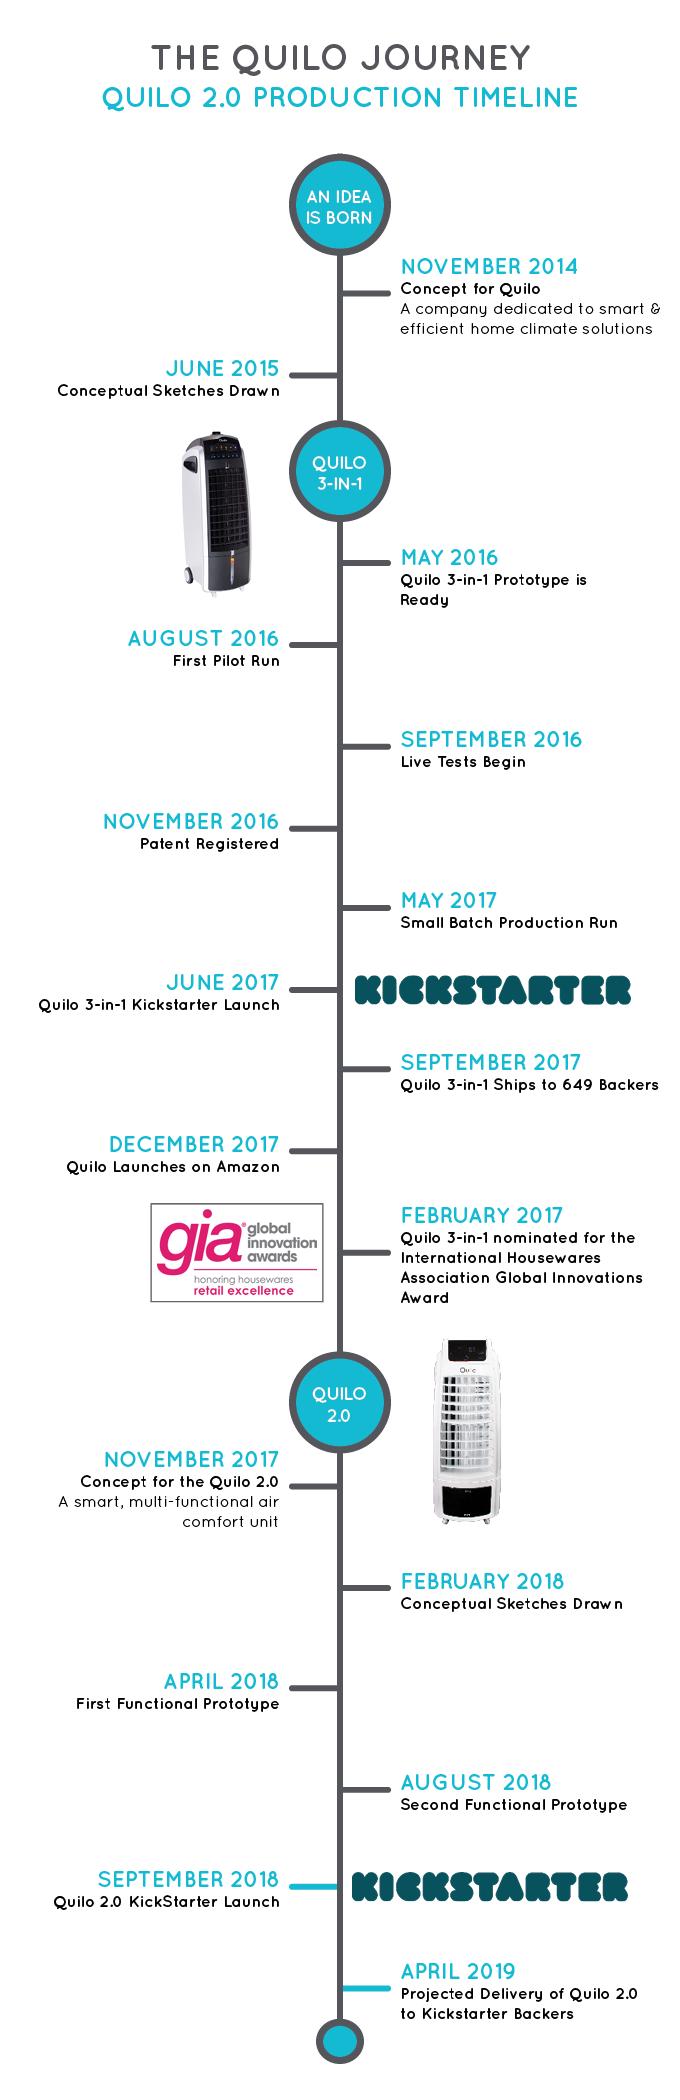 Quilo Journey & Quilo 2.0 Production Timeline